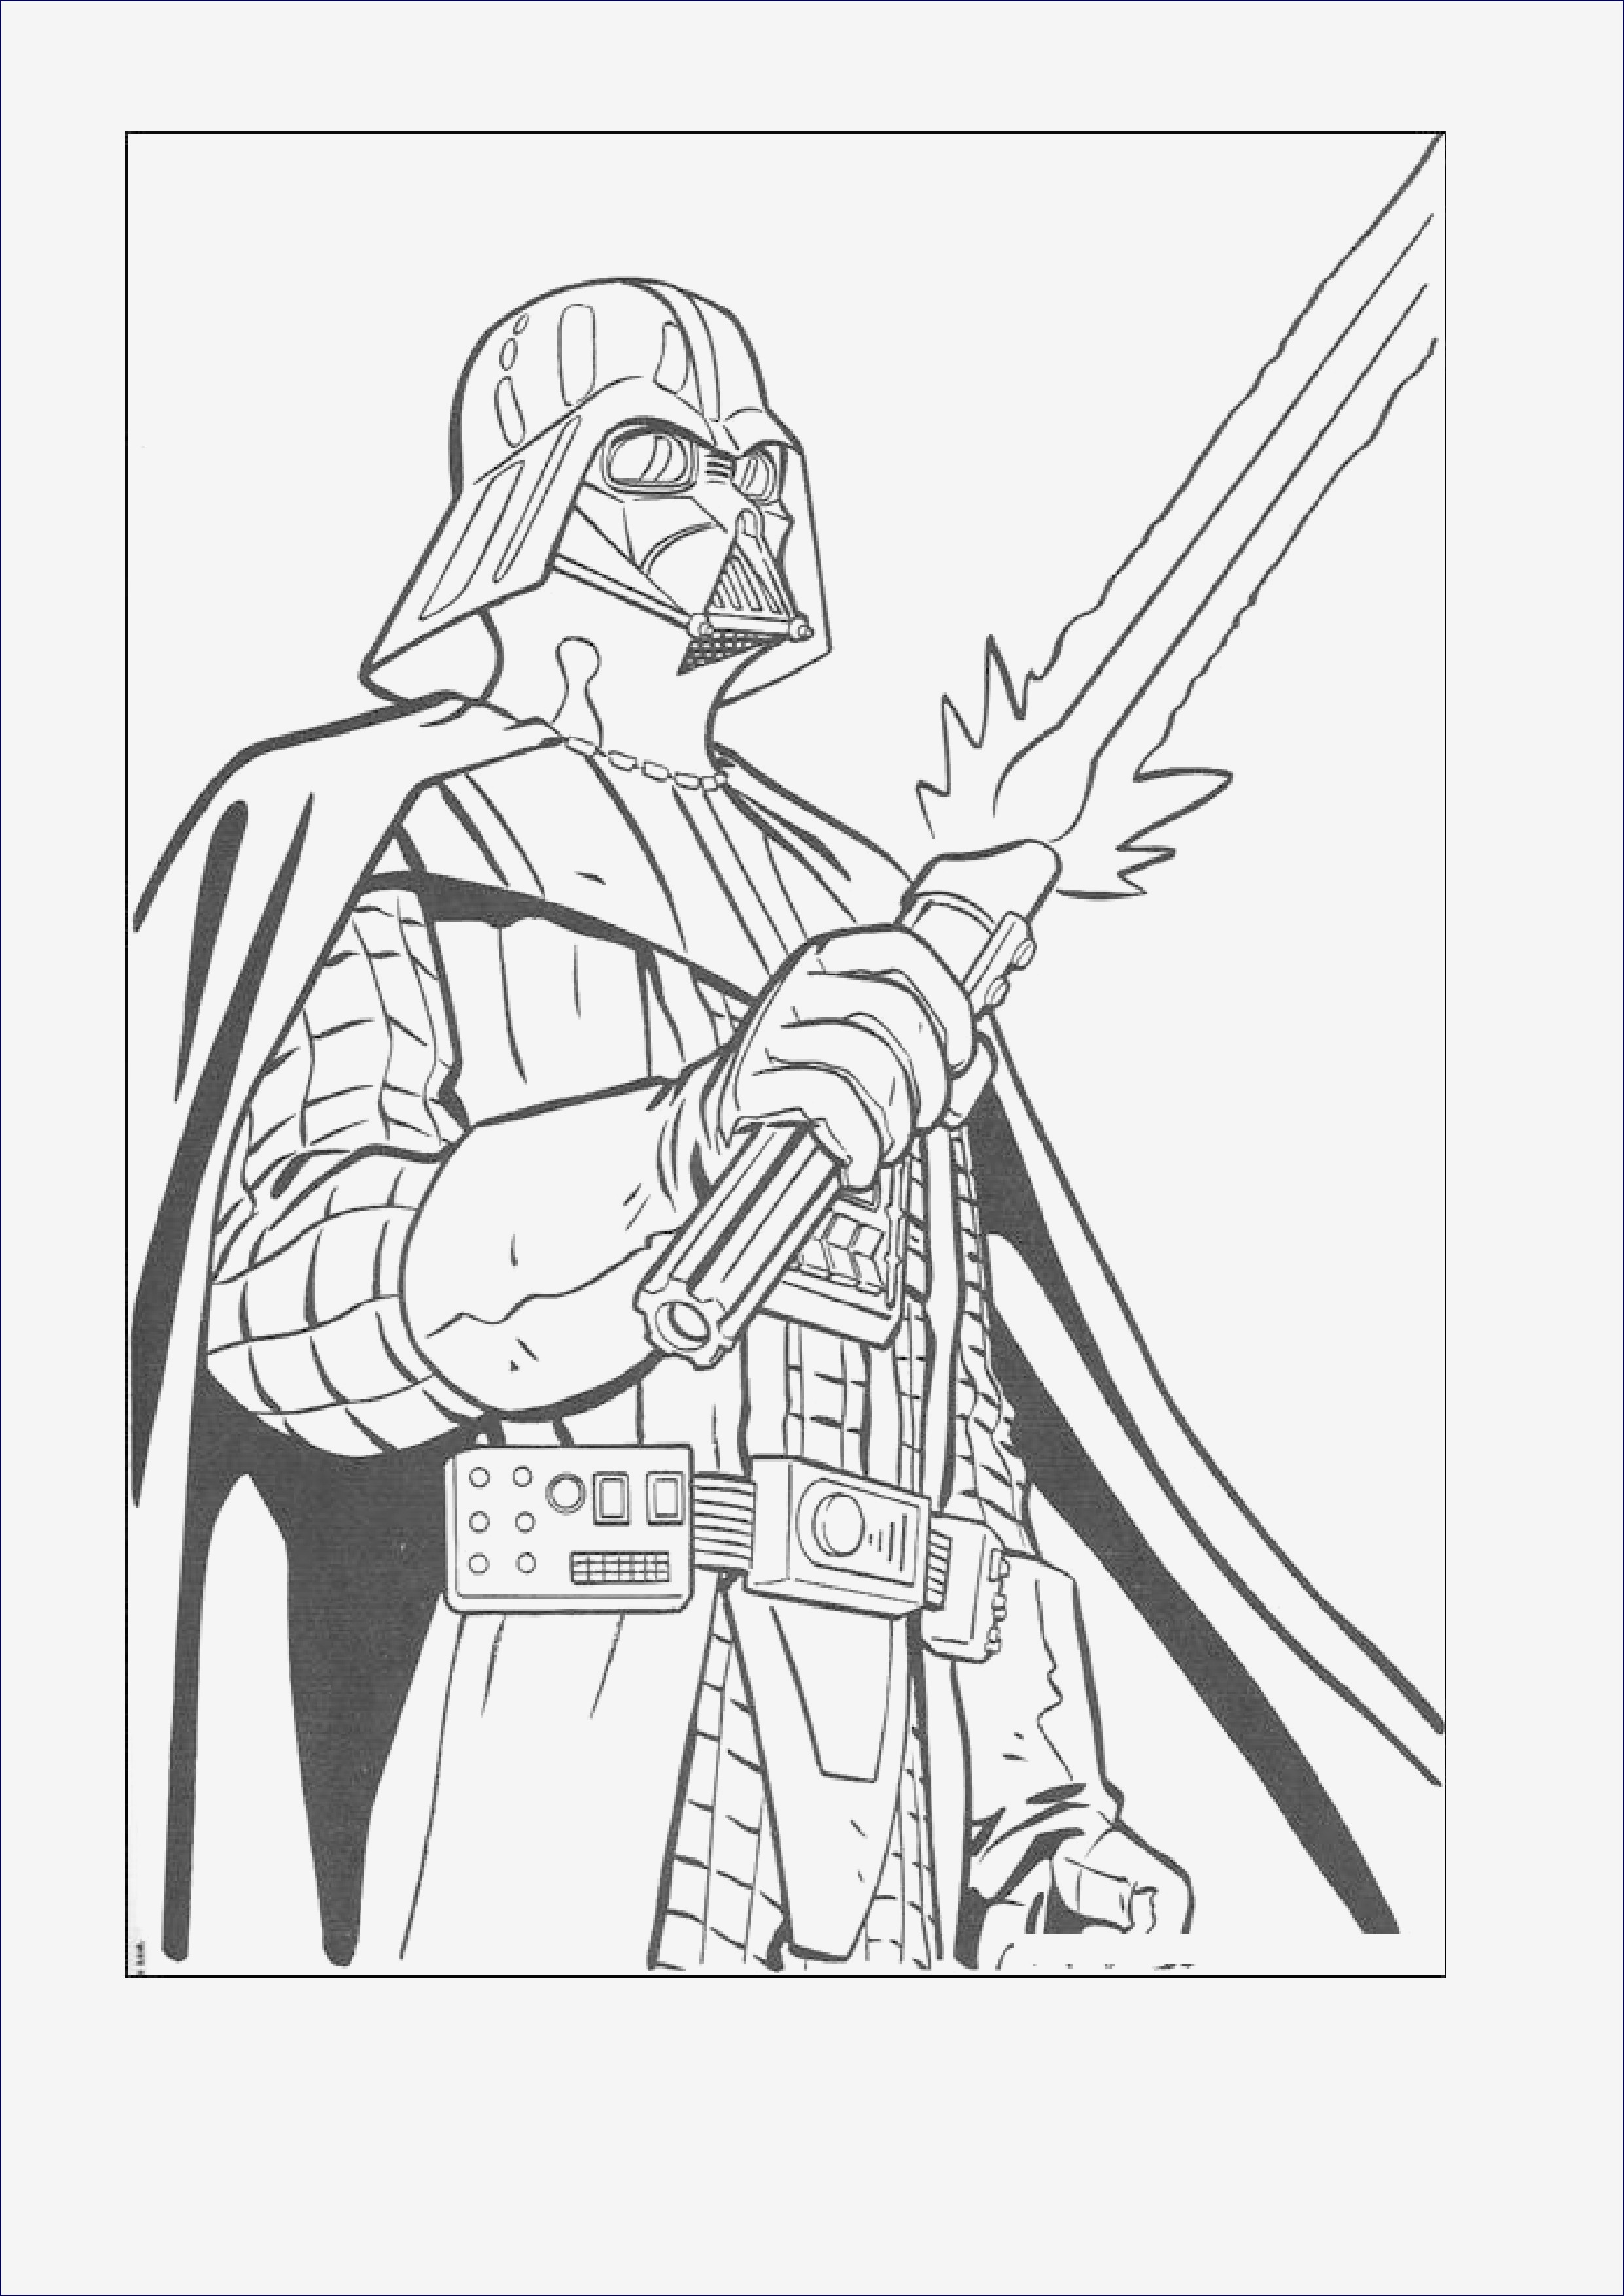 Darth Vader Ausmalbilder Genial Malvorlagen Star Wars Kostenlos Bildergalerie & Bilder Zum Ausmalen Sammlung